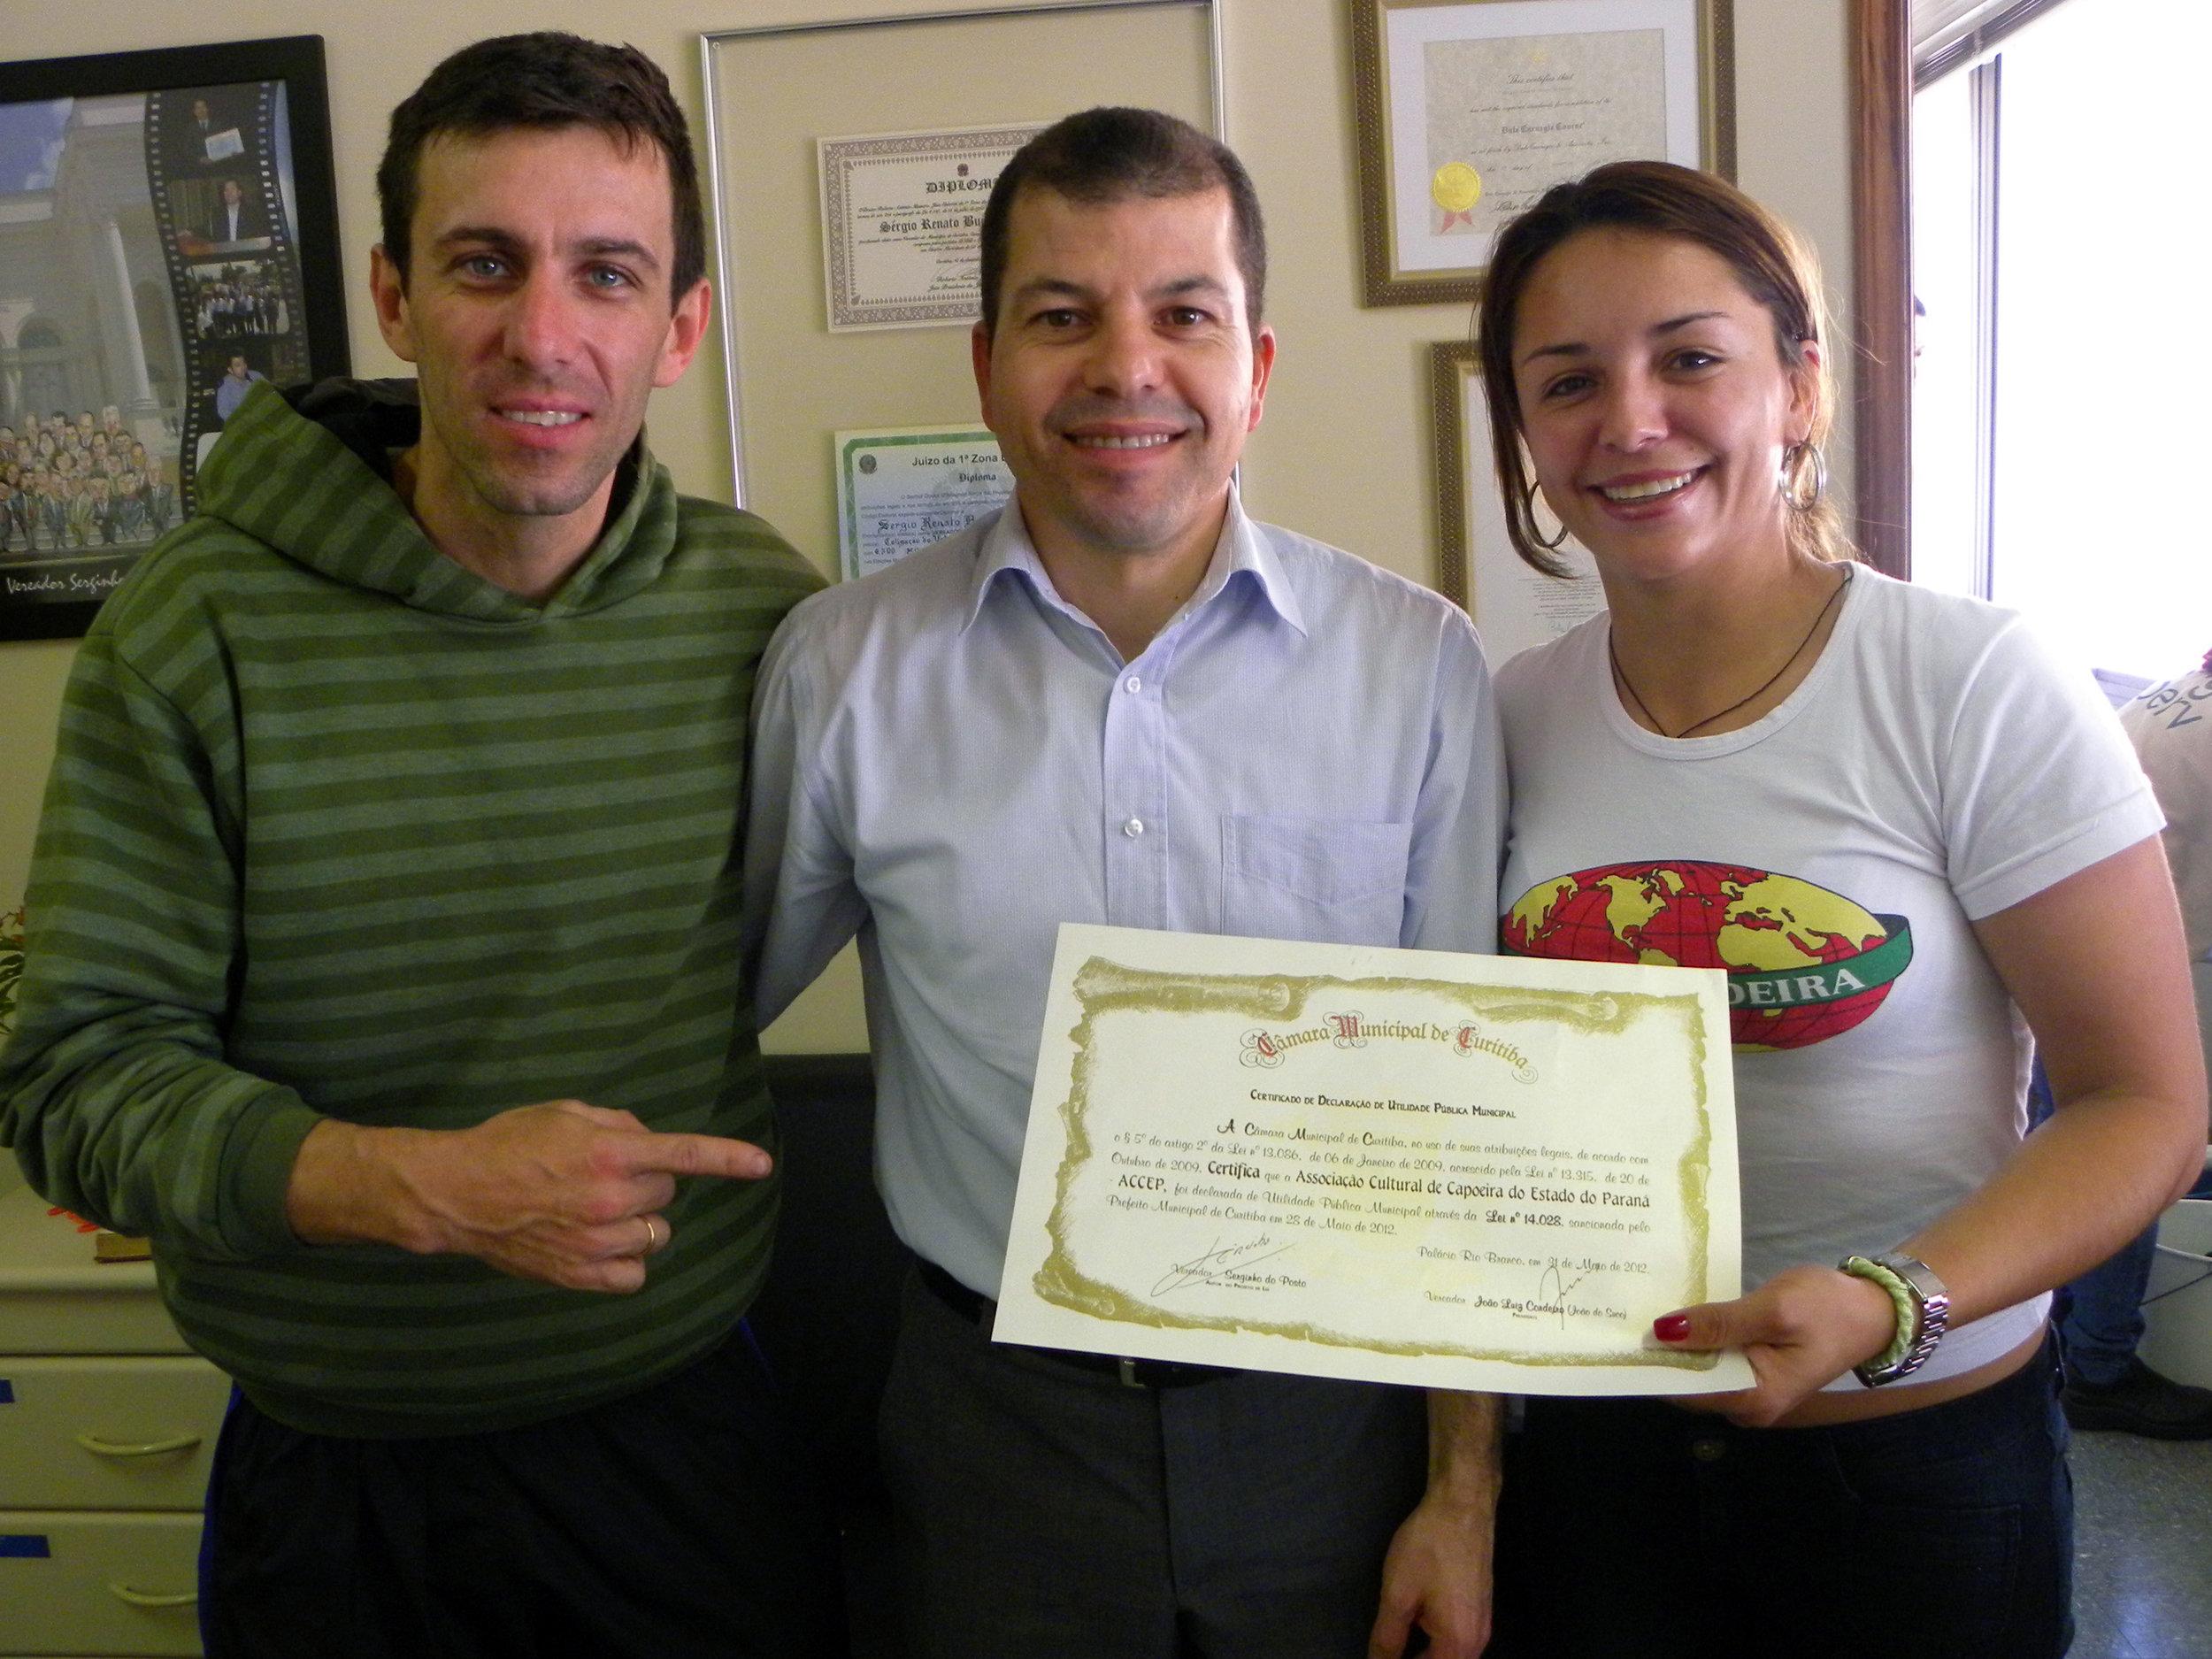 Entrega da Declara��o de Utilidade P�blica para a Associa��o Cultural de Capoeira do Estado do Paran� - Com Na foto Luiz Paulo, Serginho (do posto) e Jana�na